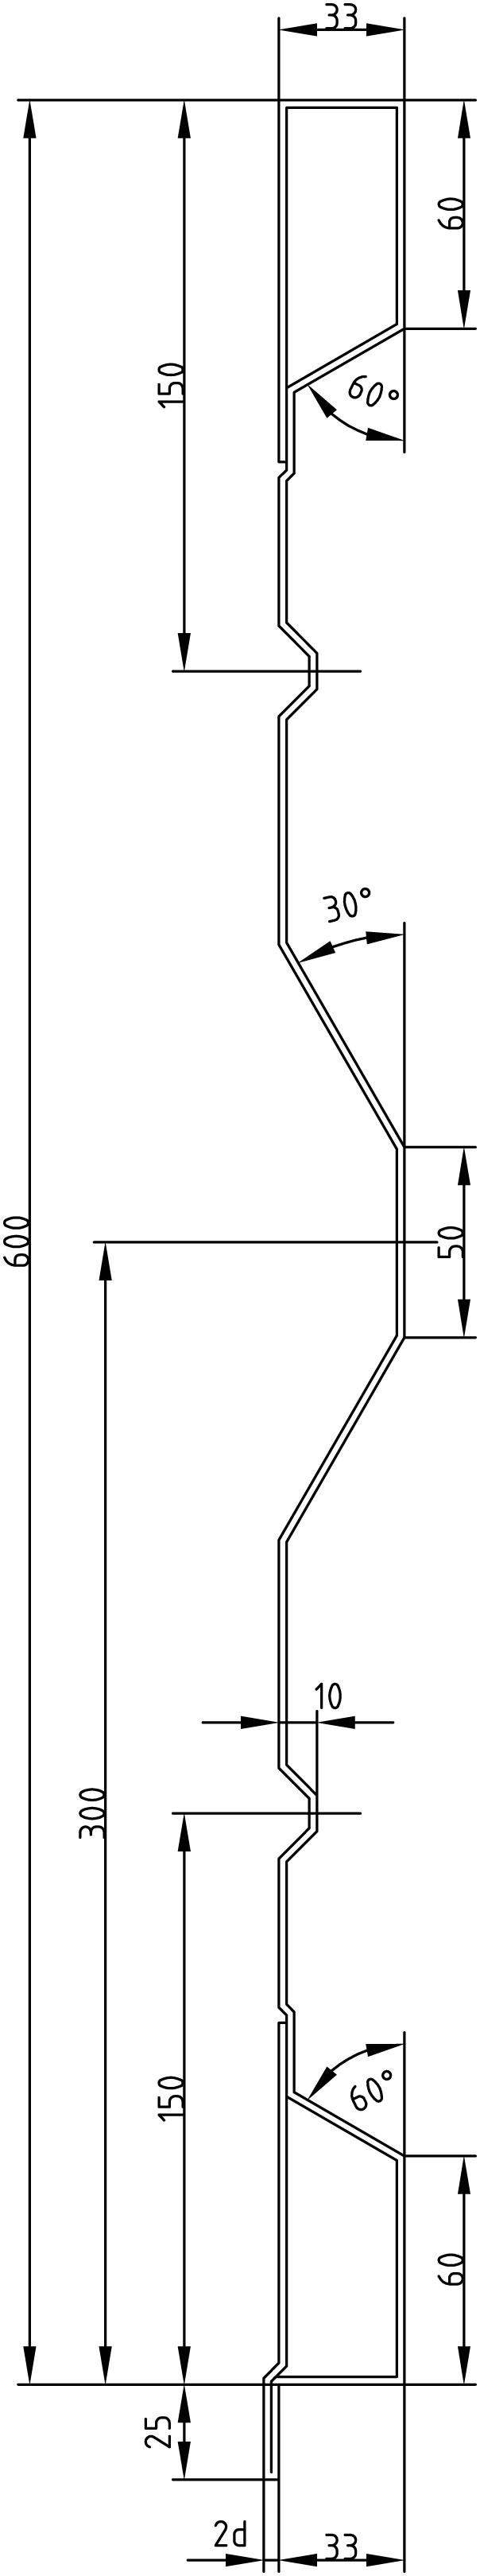 Brantner Kipper und Anhänger - 600x2x2375 attachment board with trailing edges